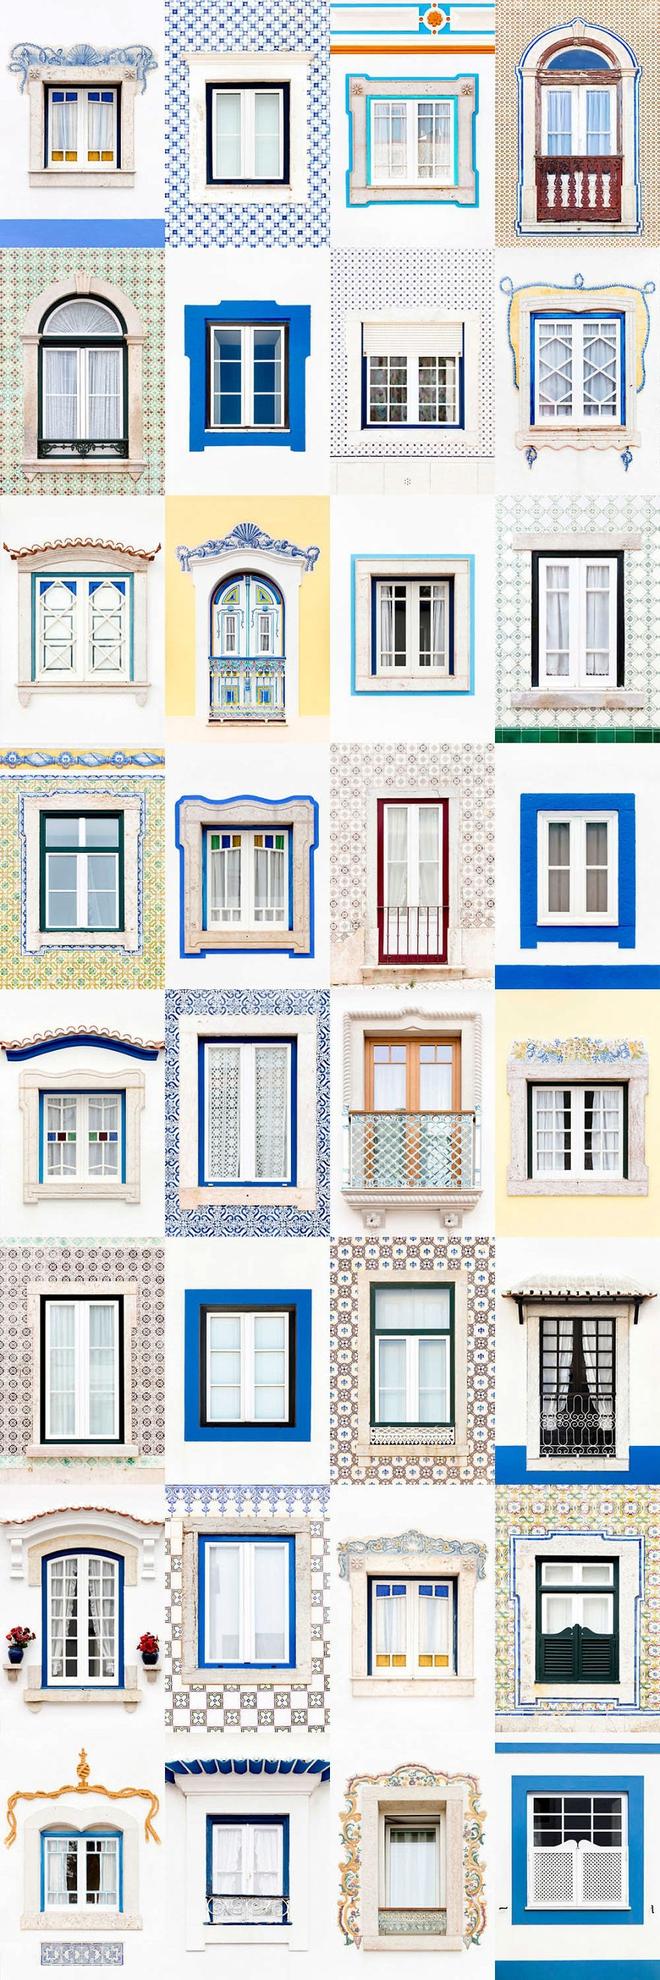 Mãn nhãn với 14 phong cách thiết kế cửa sổ ấn tượng ở Bồ Đào Nha - Ảnh 9.